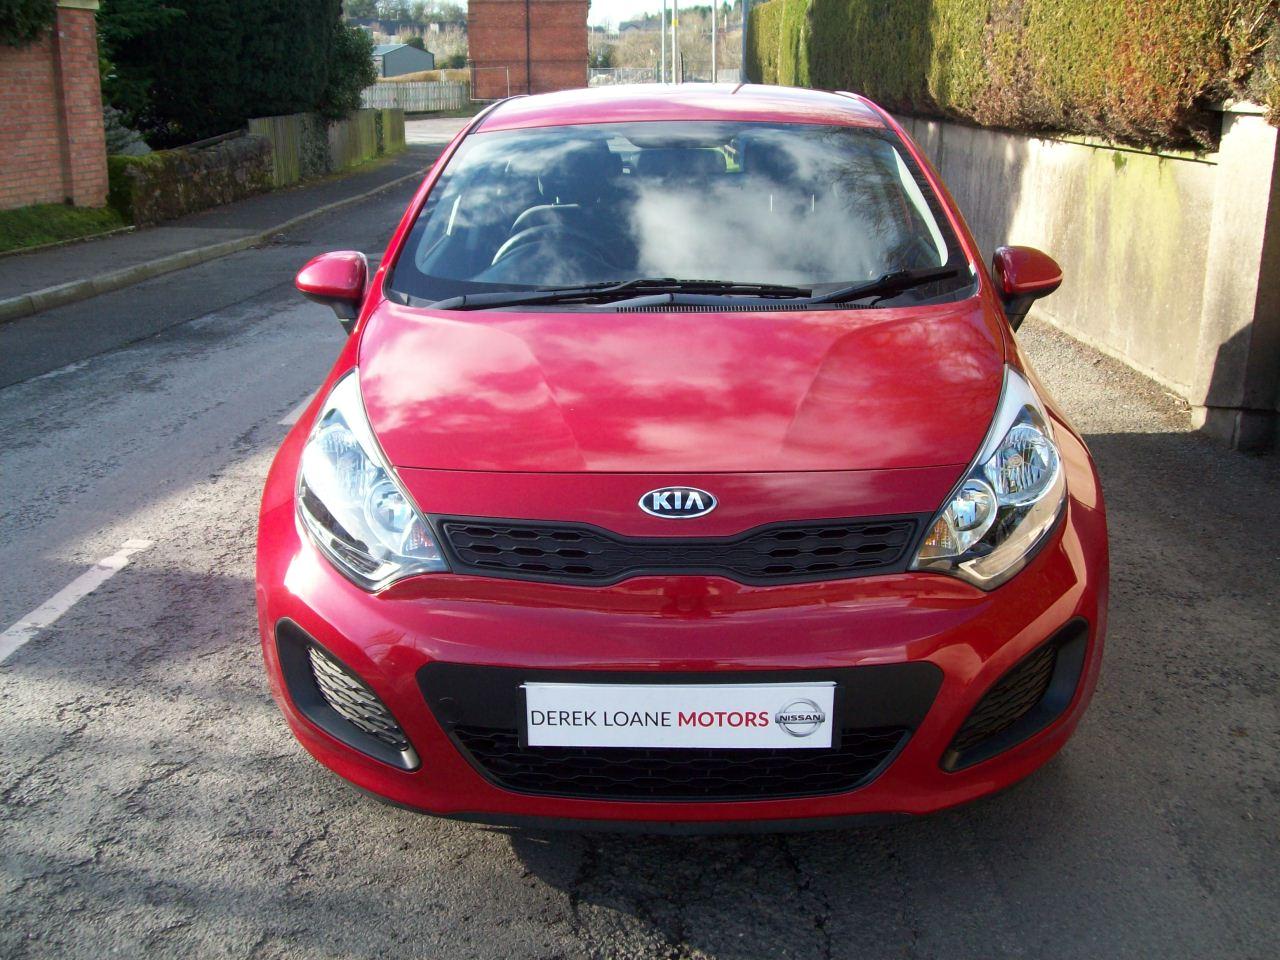 2014 Kia Rio  Manual – Derek Loane Motors full